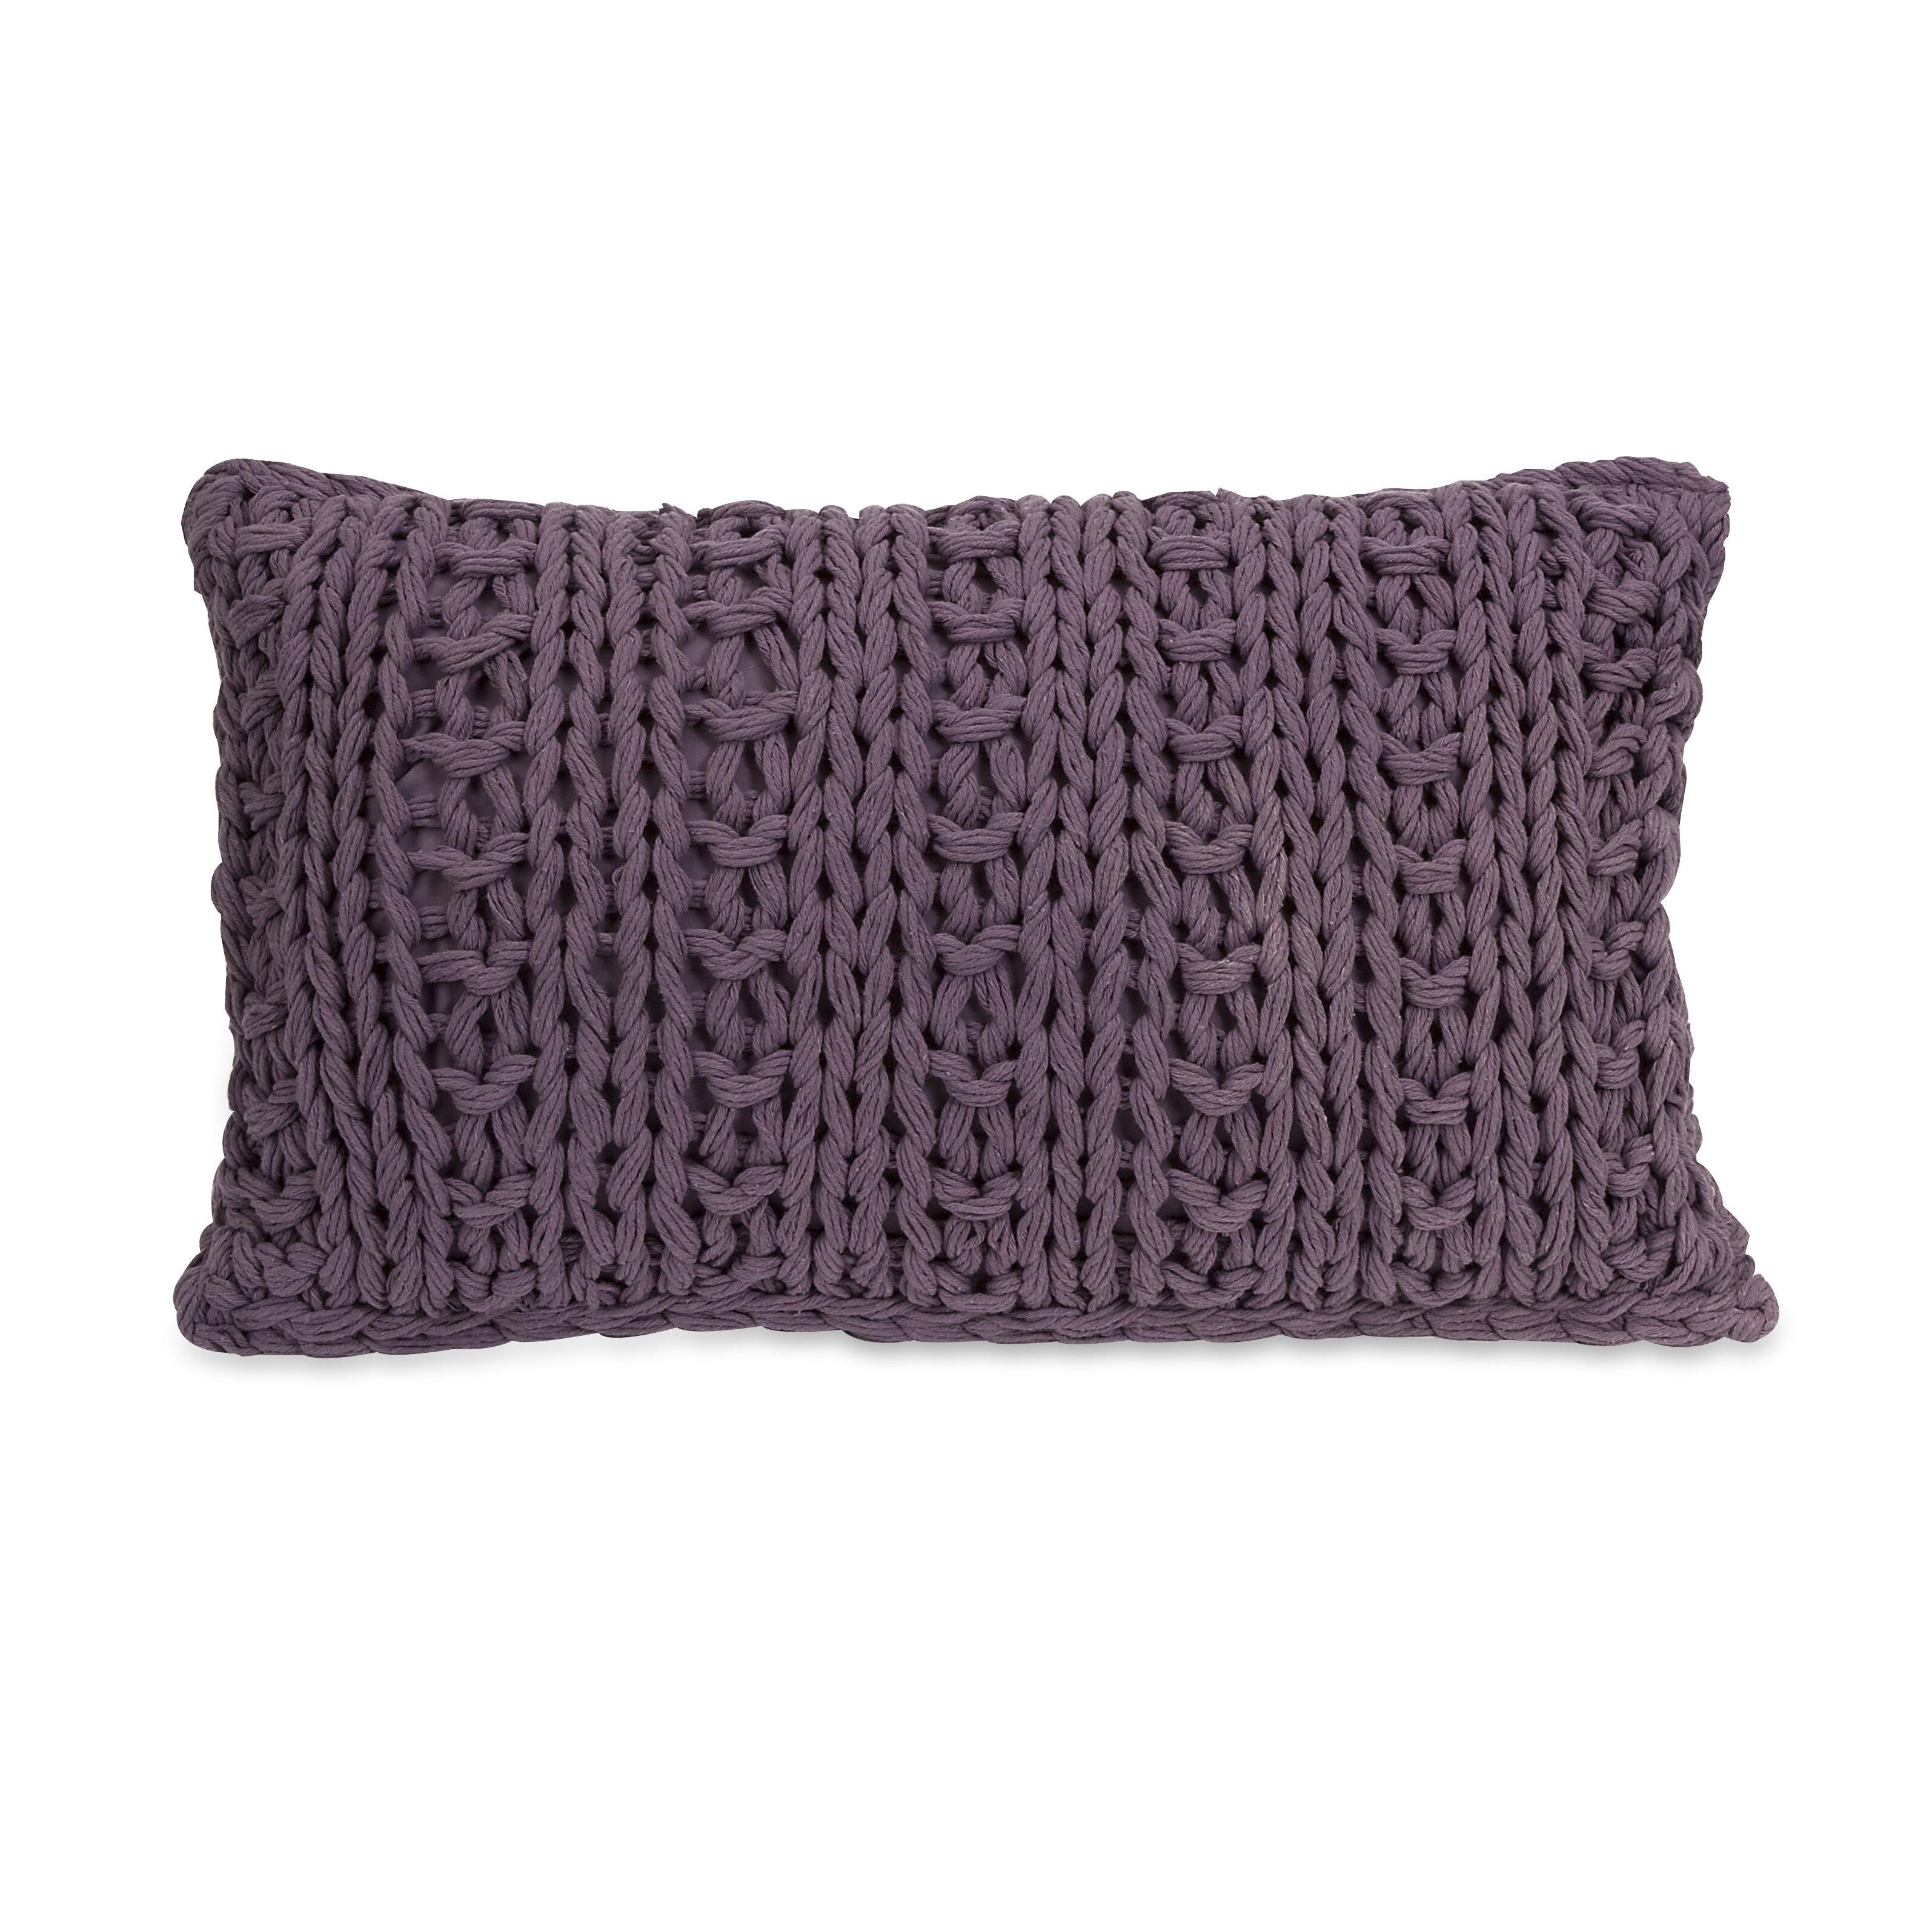 Imax Mailie Crochet Cotton Lumbar Pillow Amp Reviews Wayfair